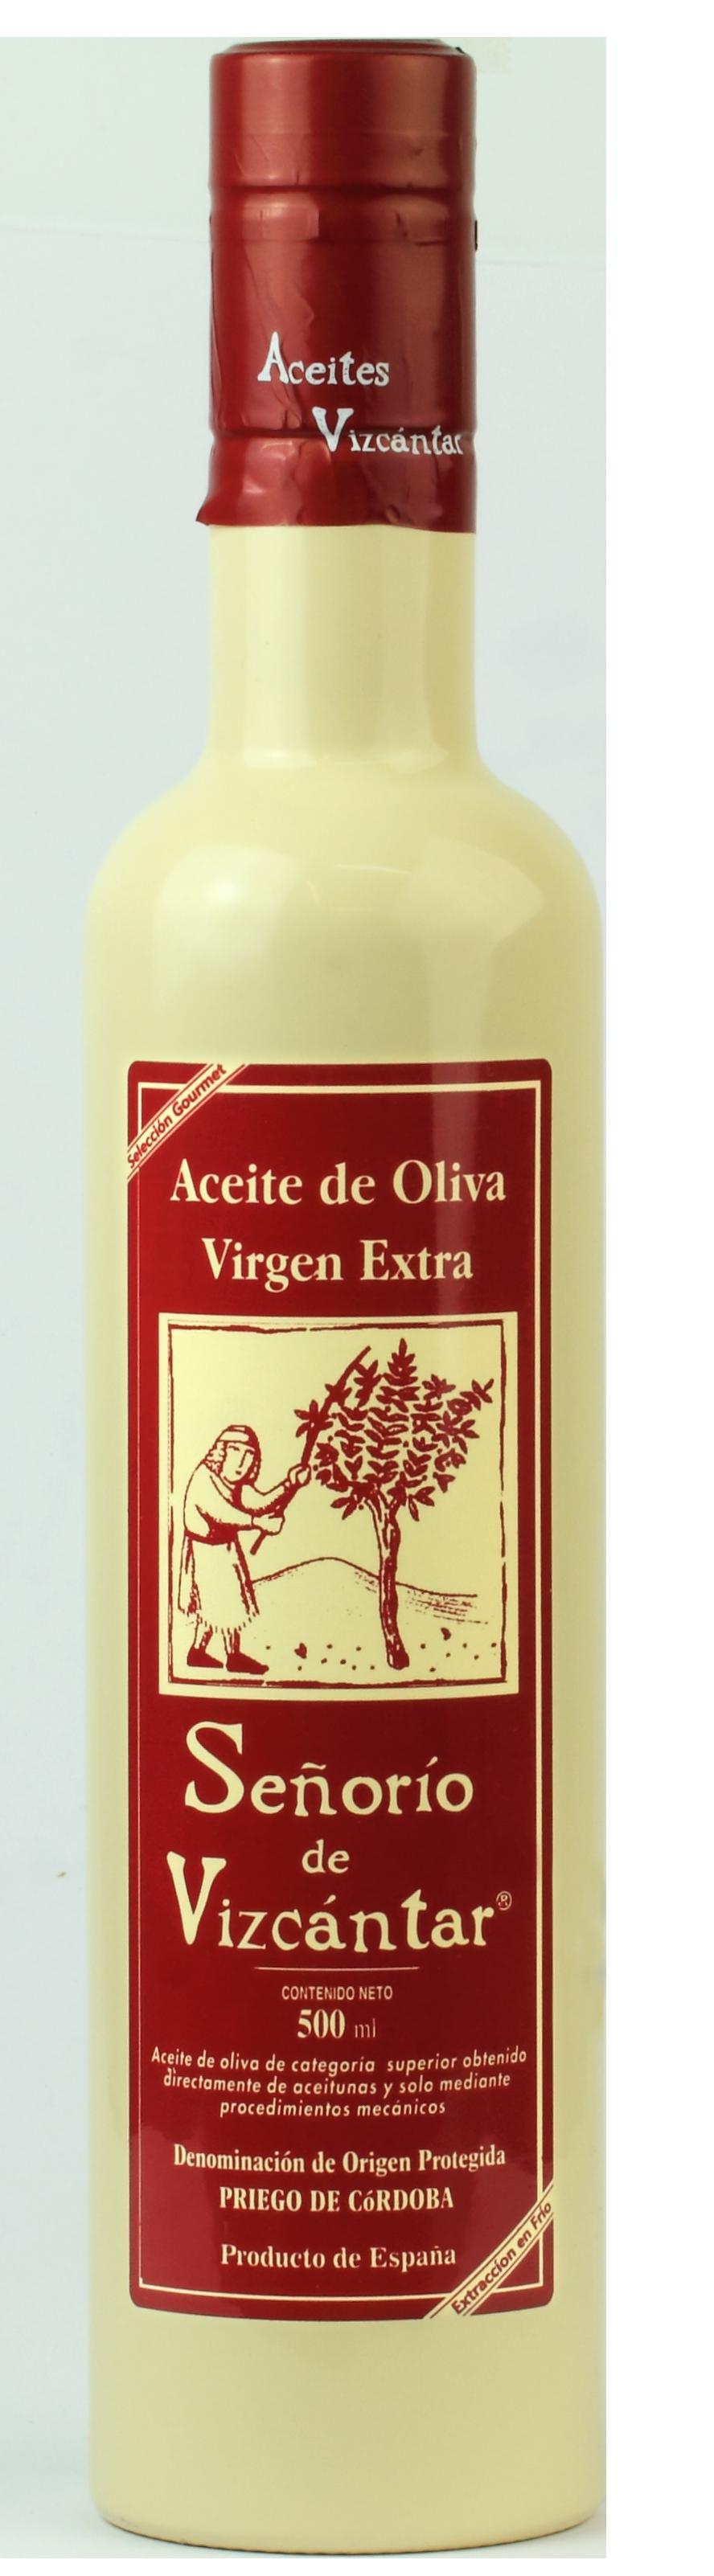 Aceite de Oliva Señoría de Vizcantar